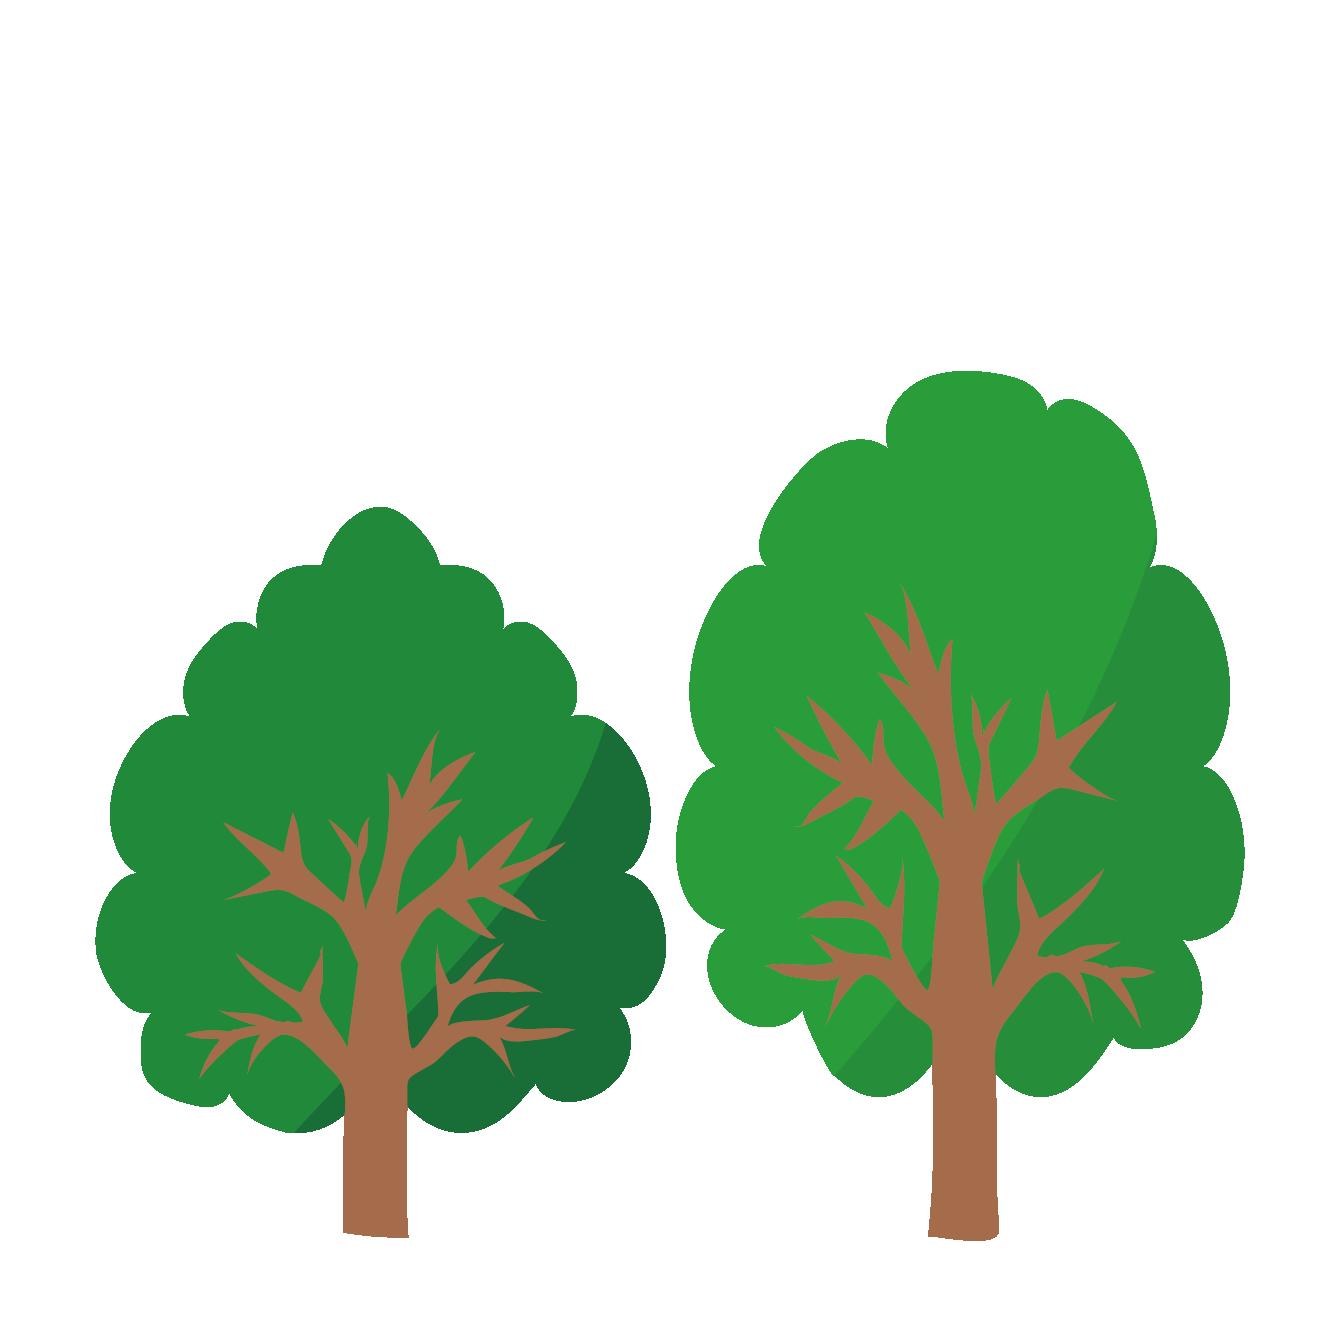 新緑♪木々(木)のイラスト | 商用フリー(無料)のイラスト素材なら